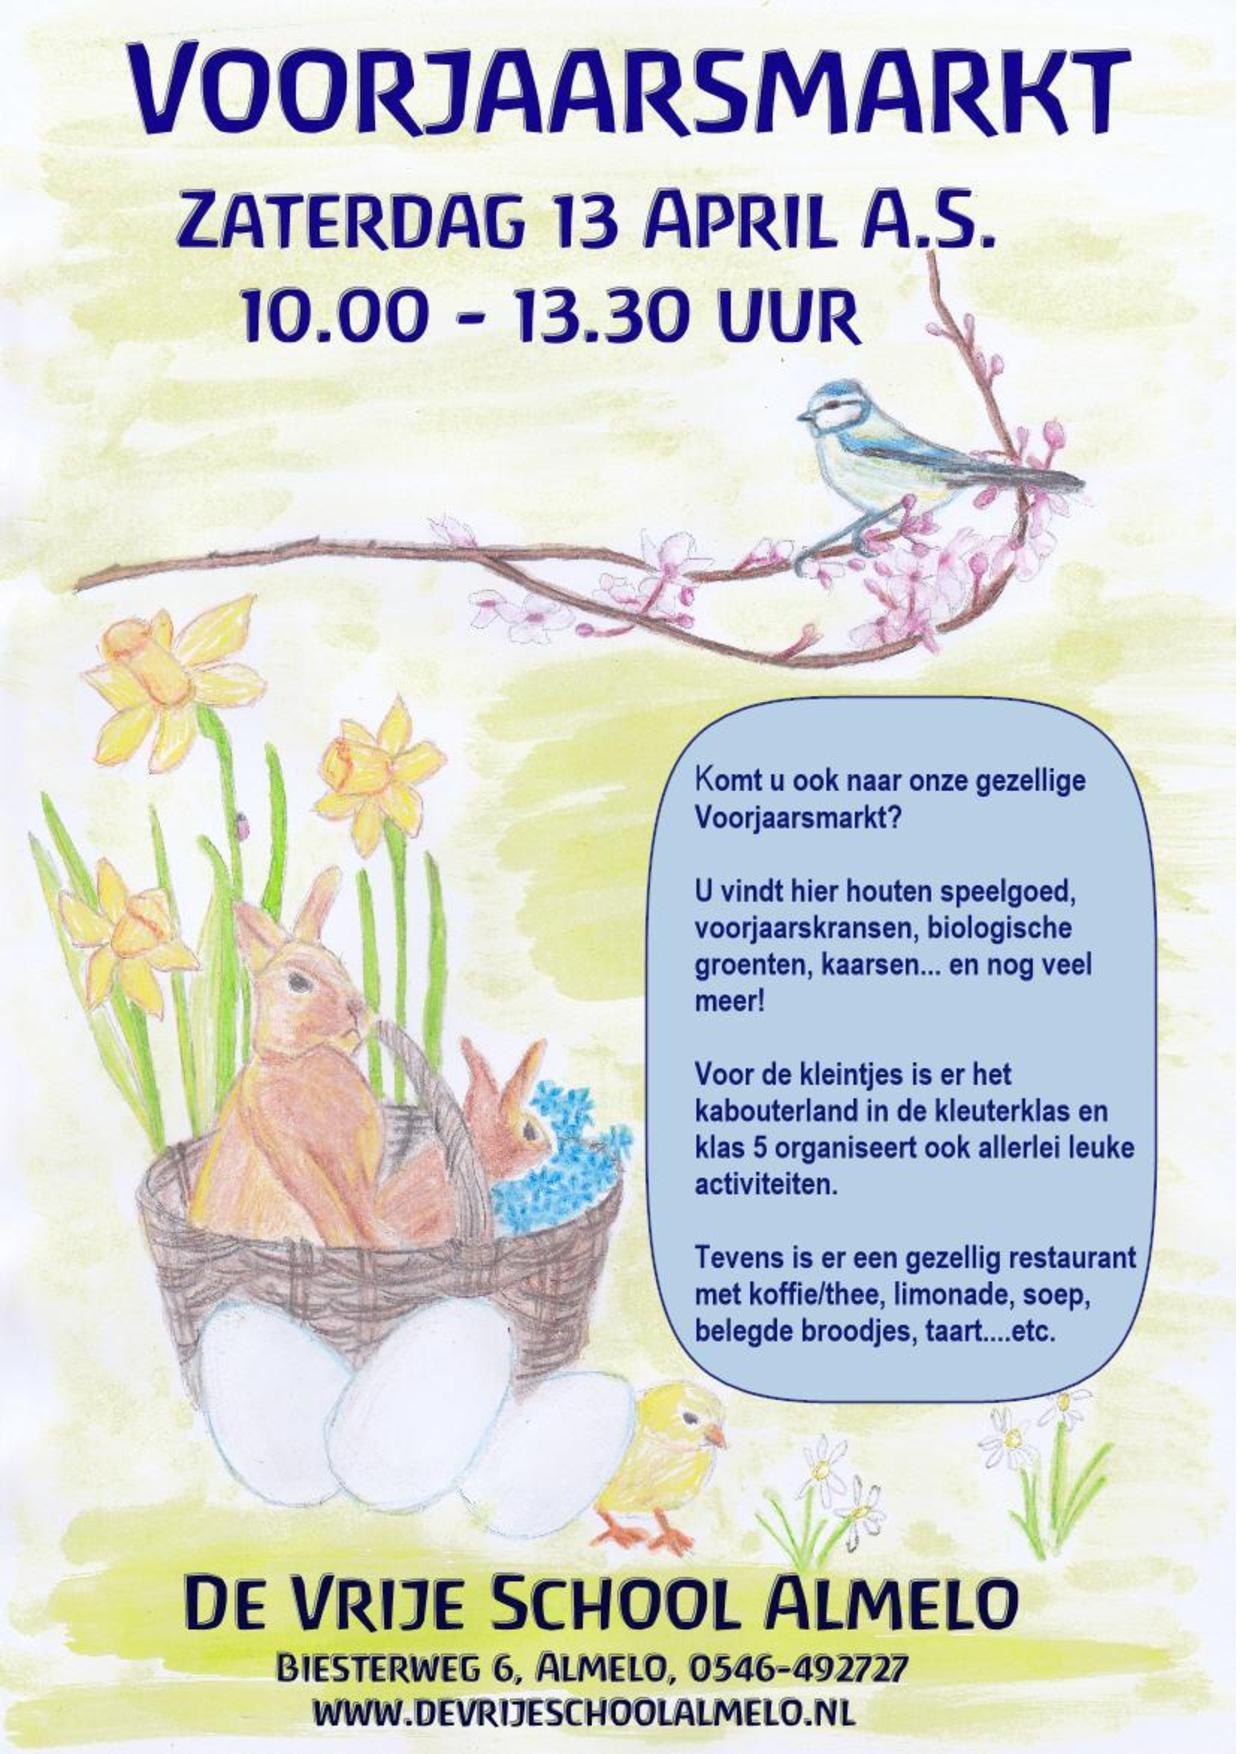 Voorjaarsmarkt zaterdag 13 april a.s. 10.00-13.30 uur